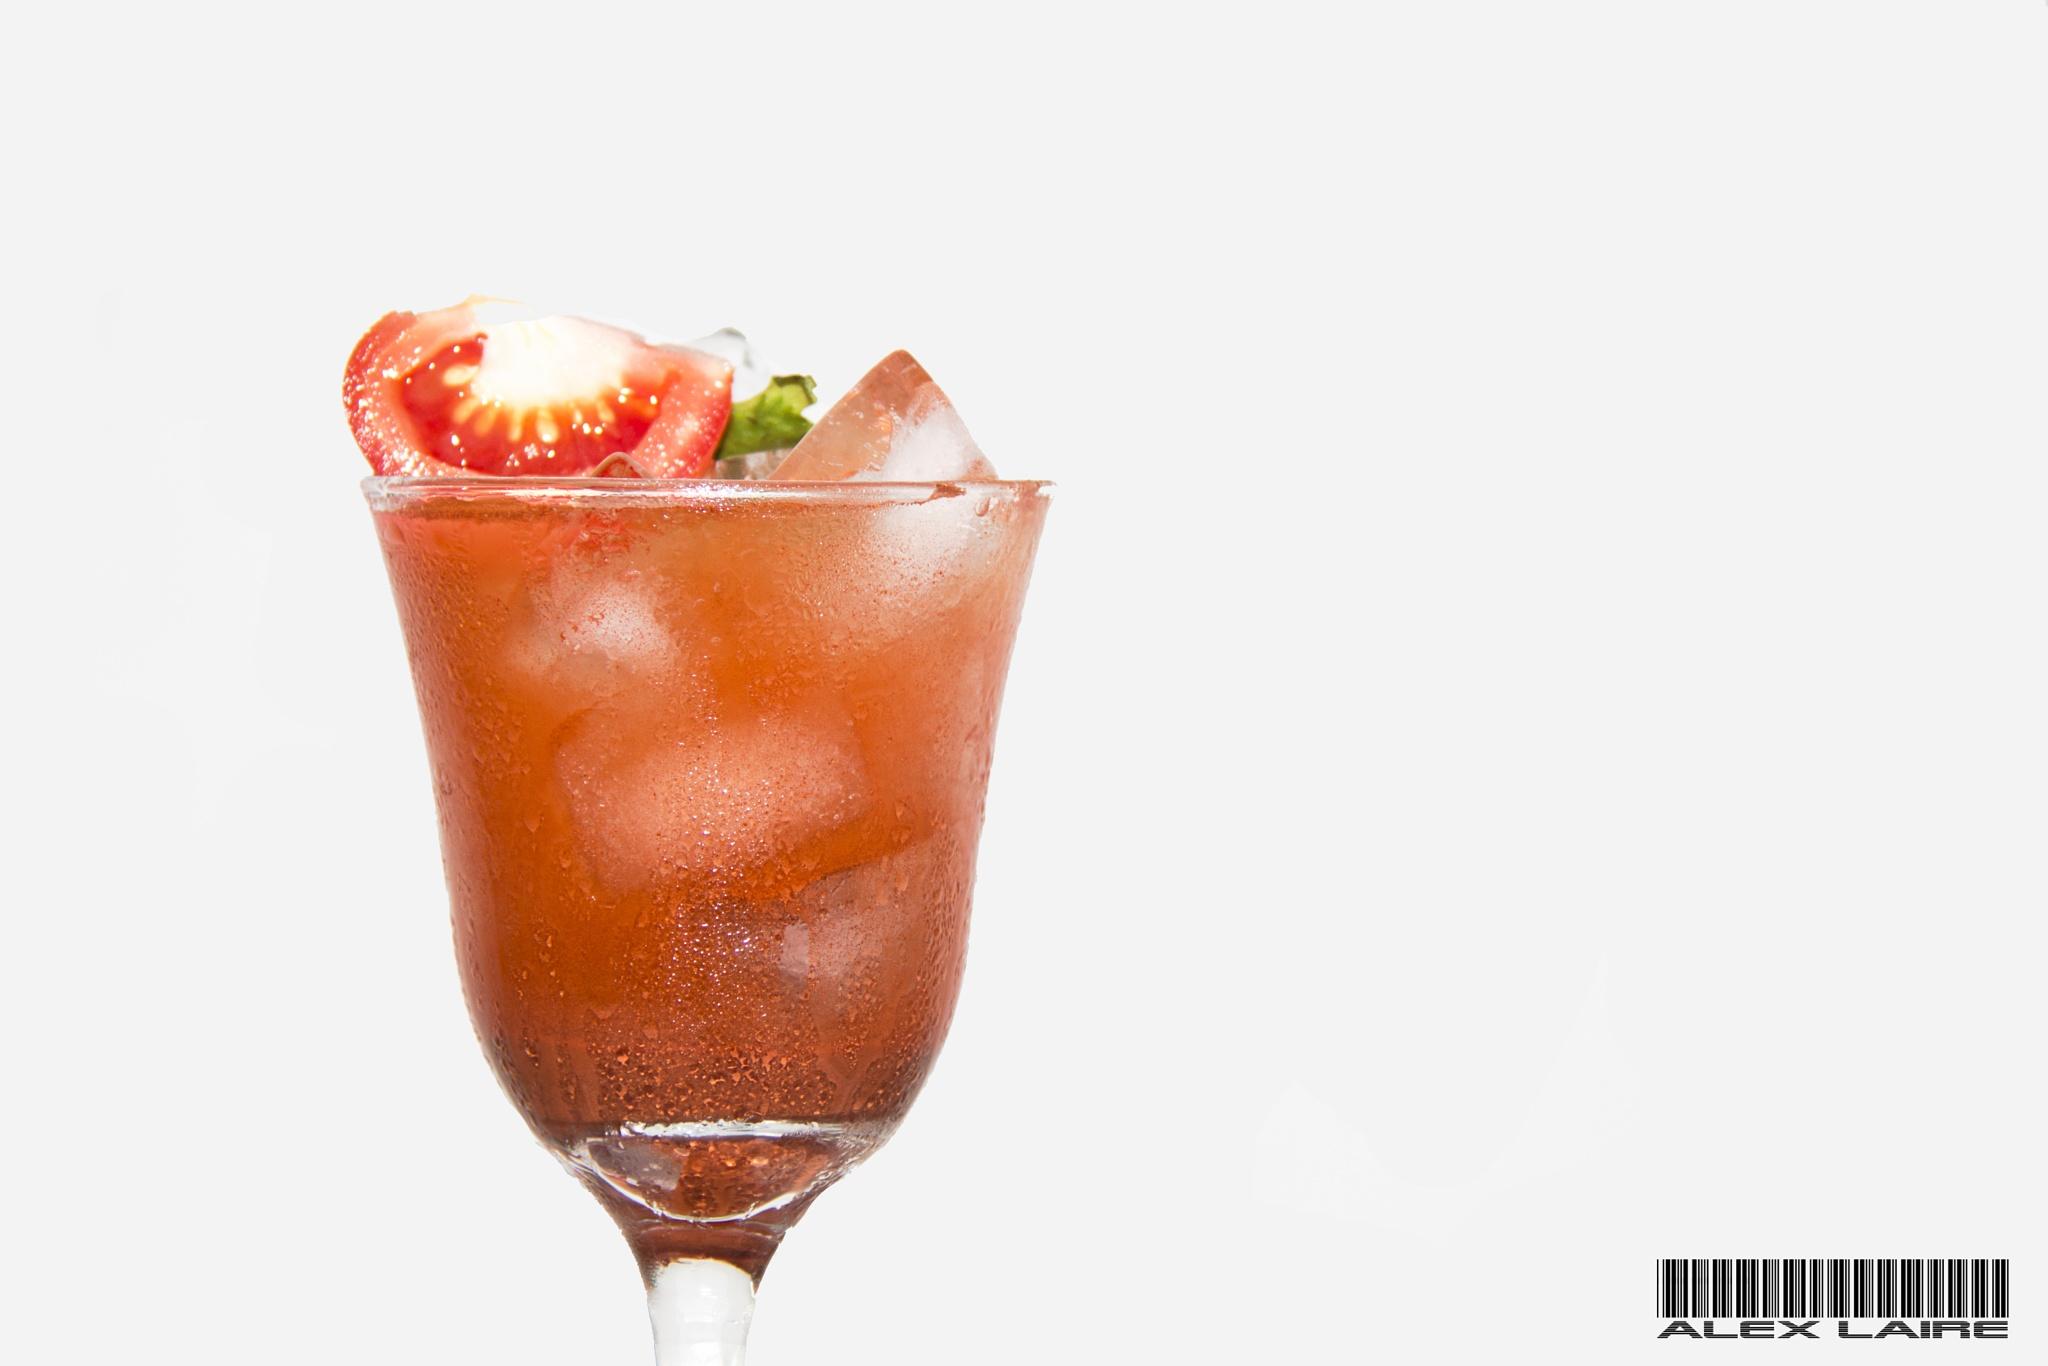 Tomato juice. by alex.laire